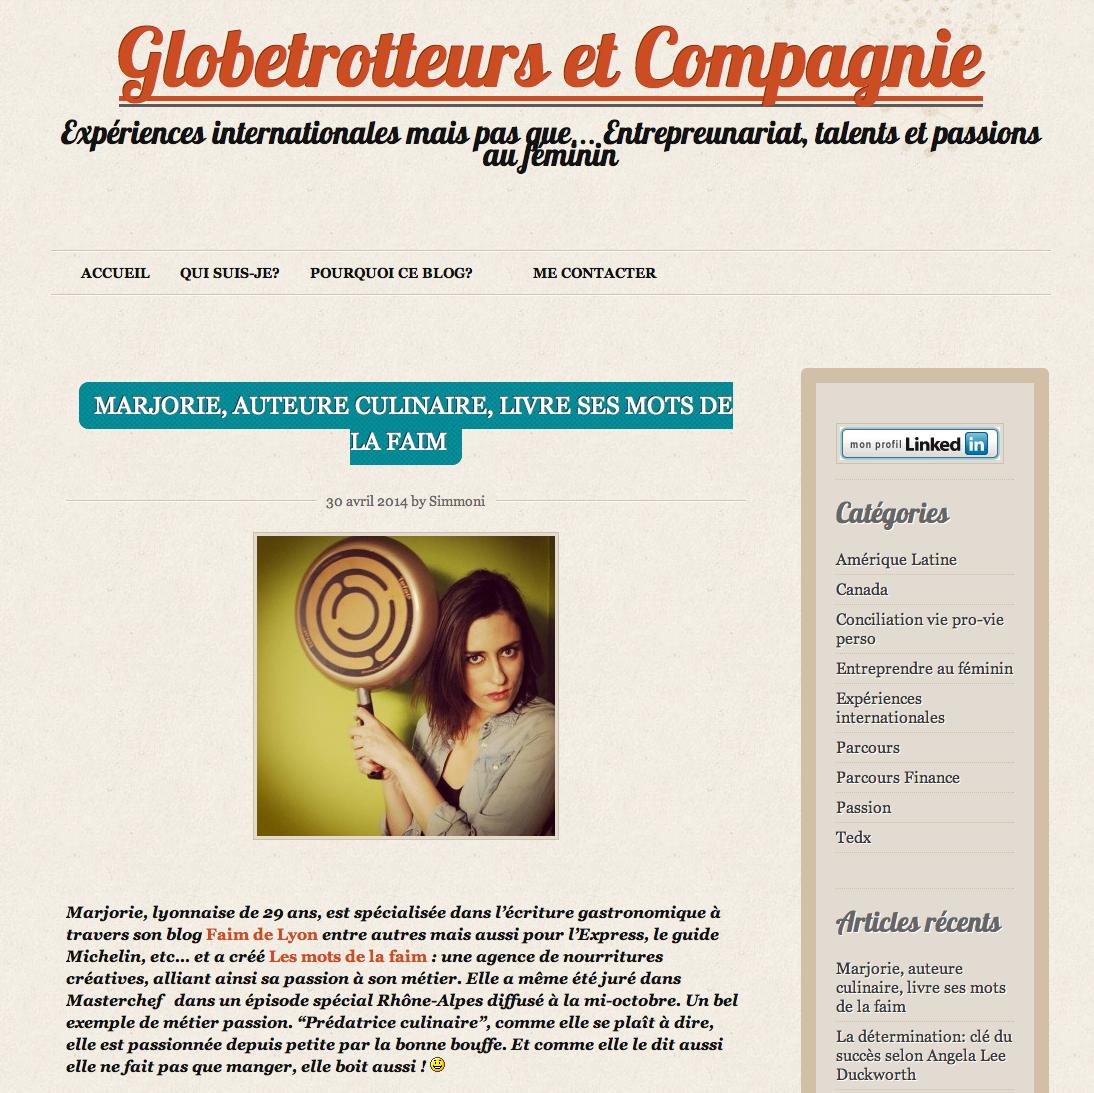 globetrotteurs et compagnie